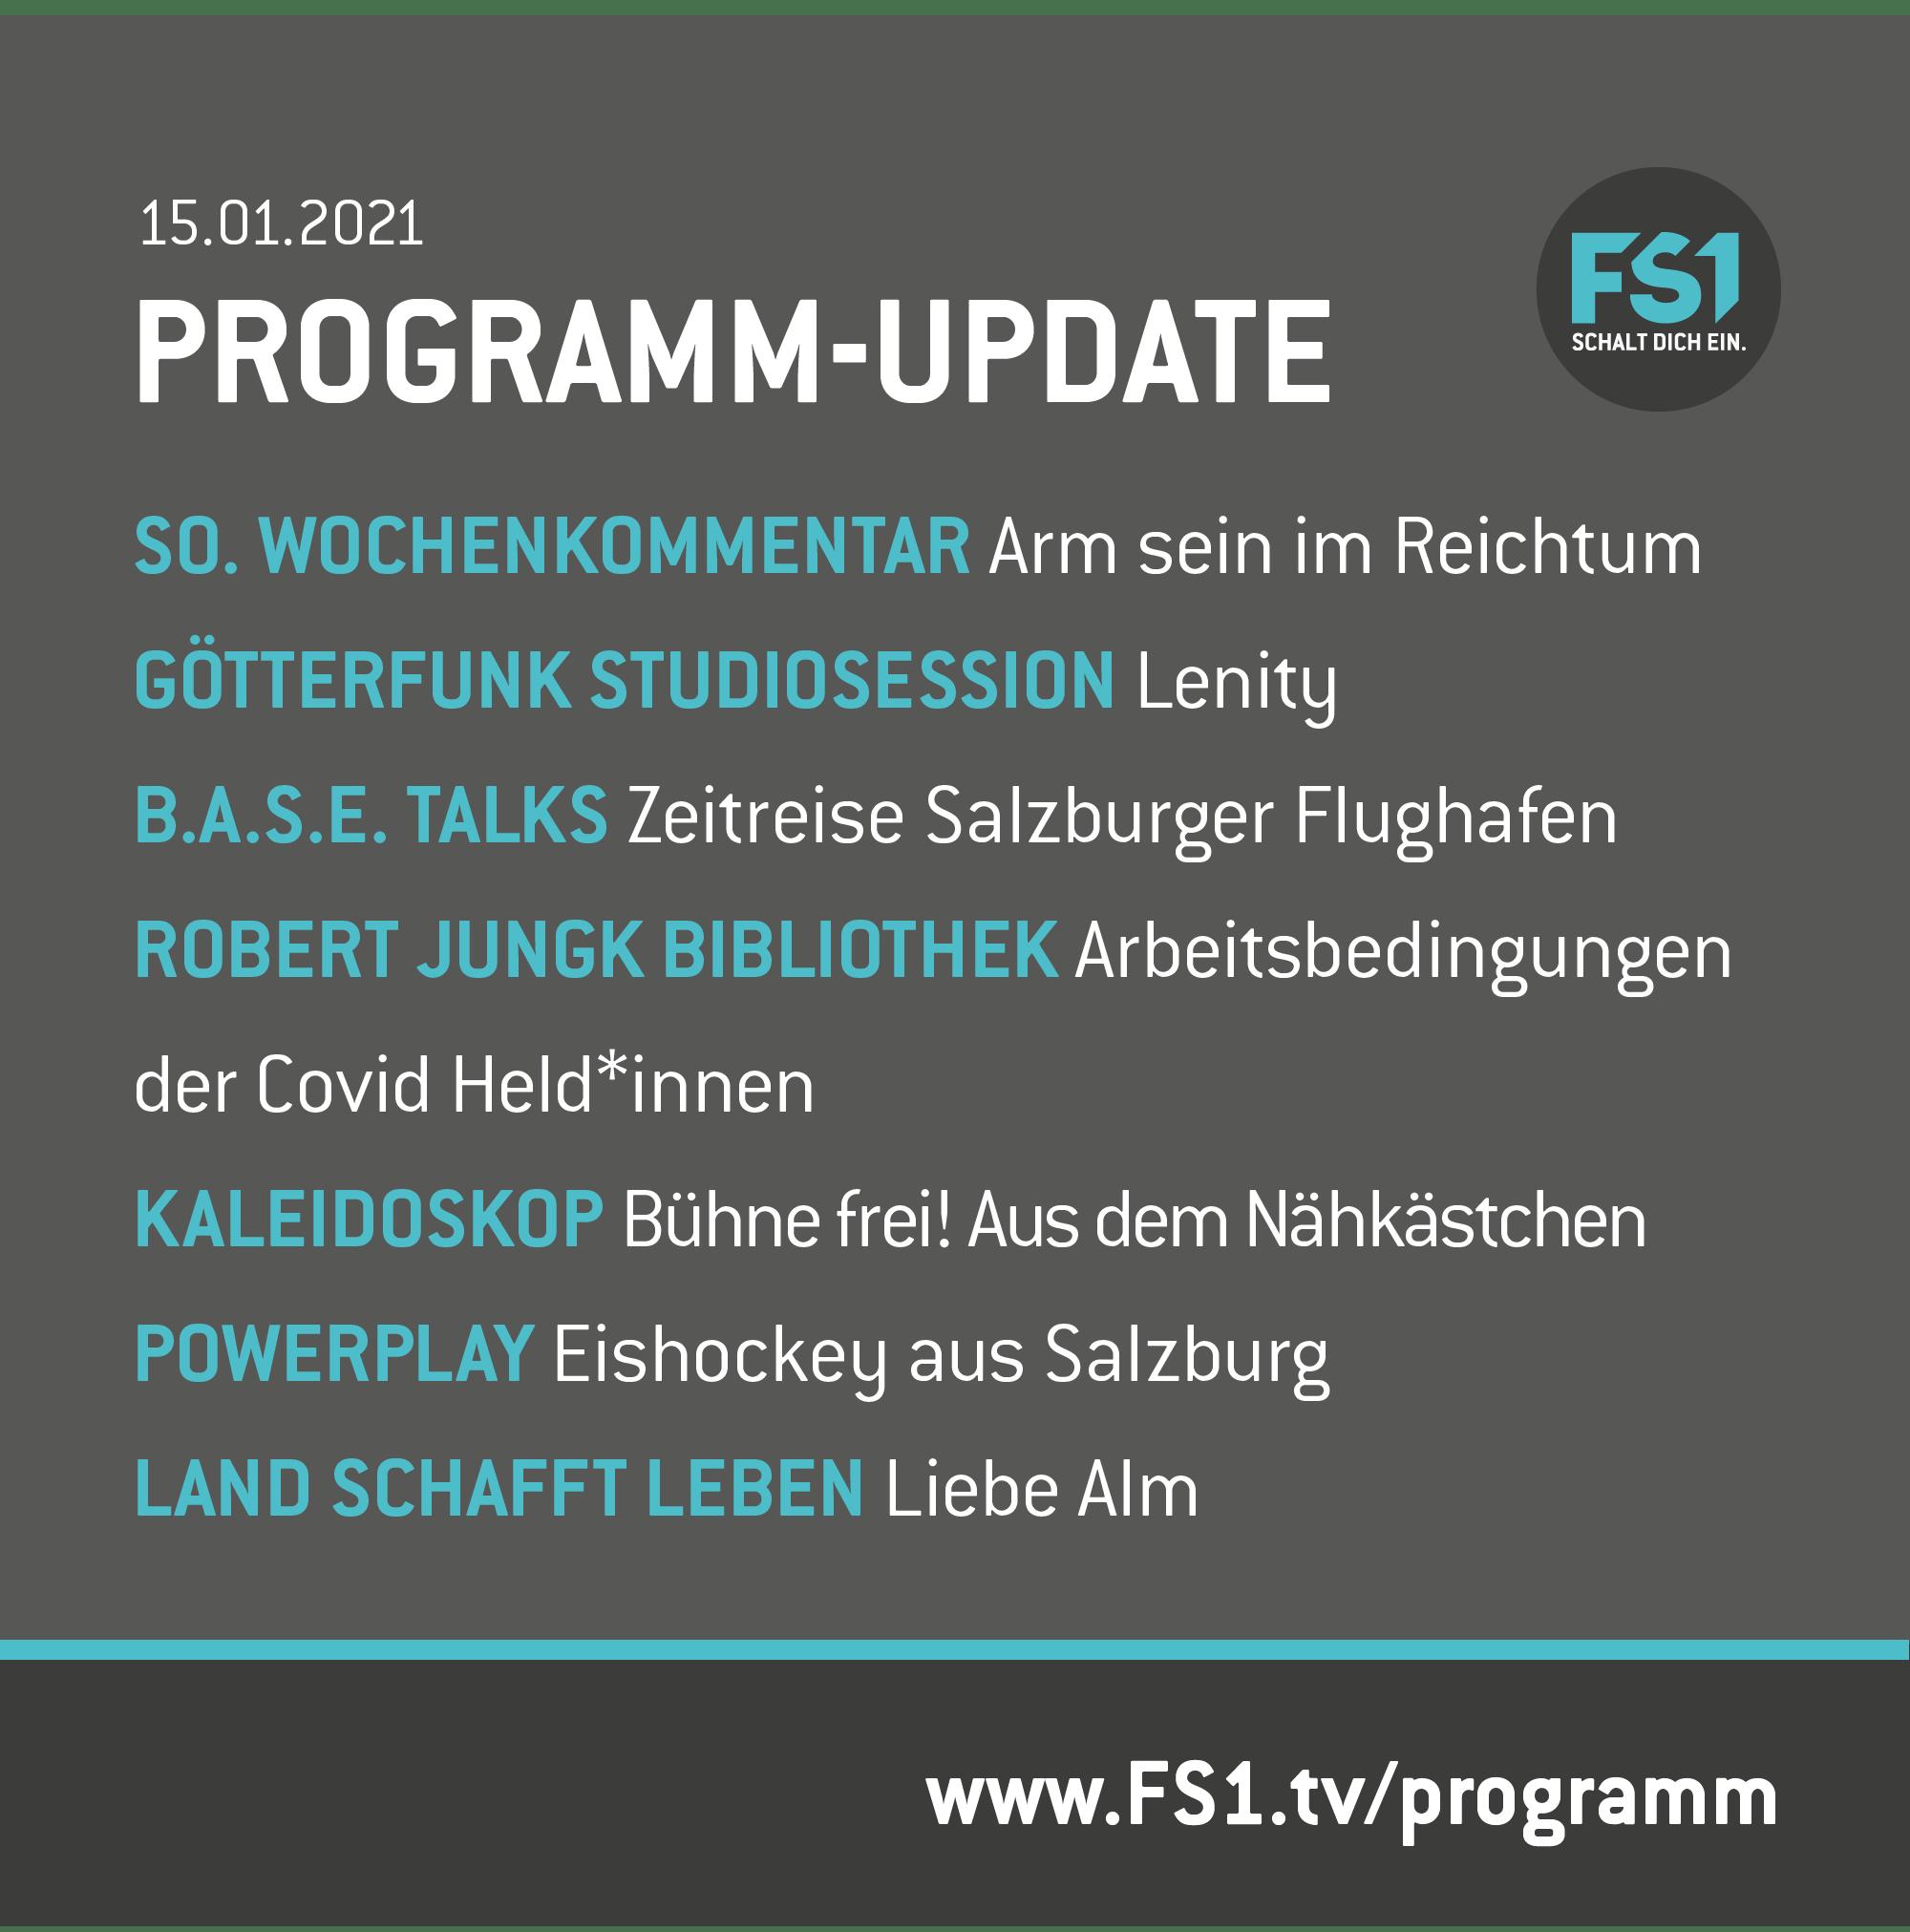 Programm-Update 150121